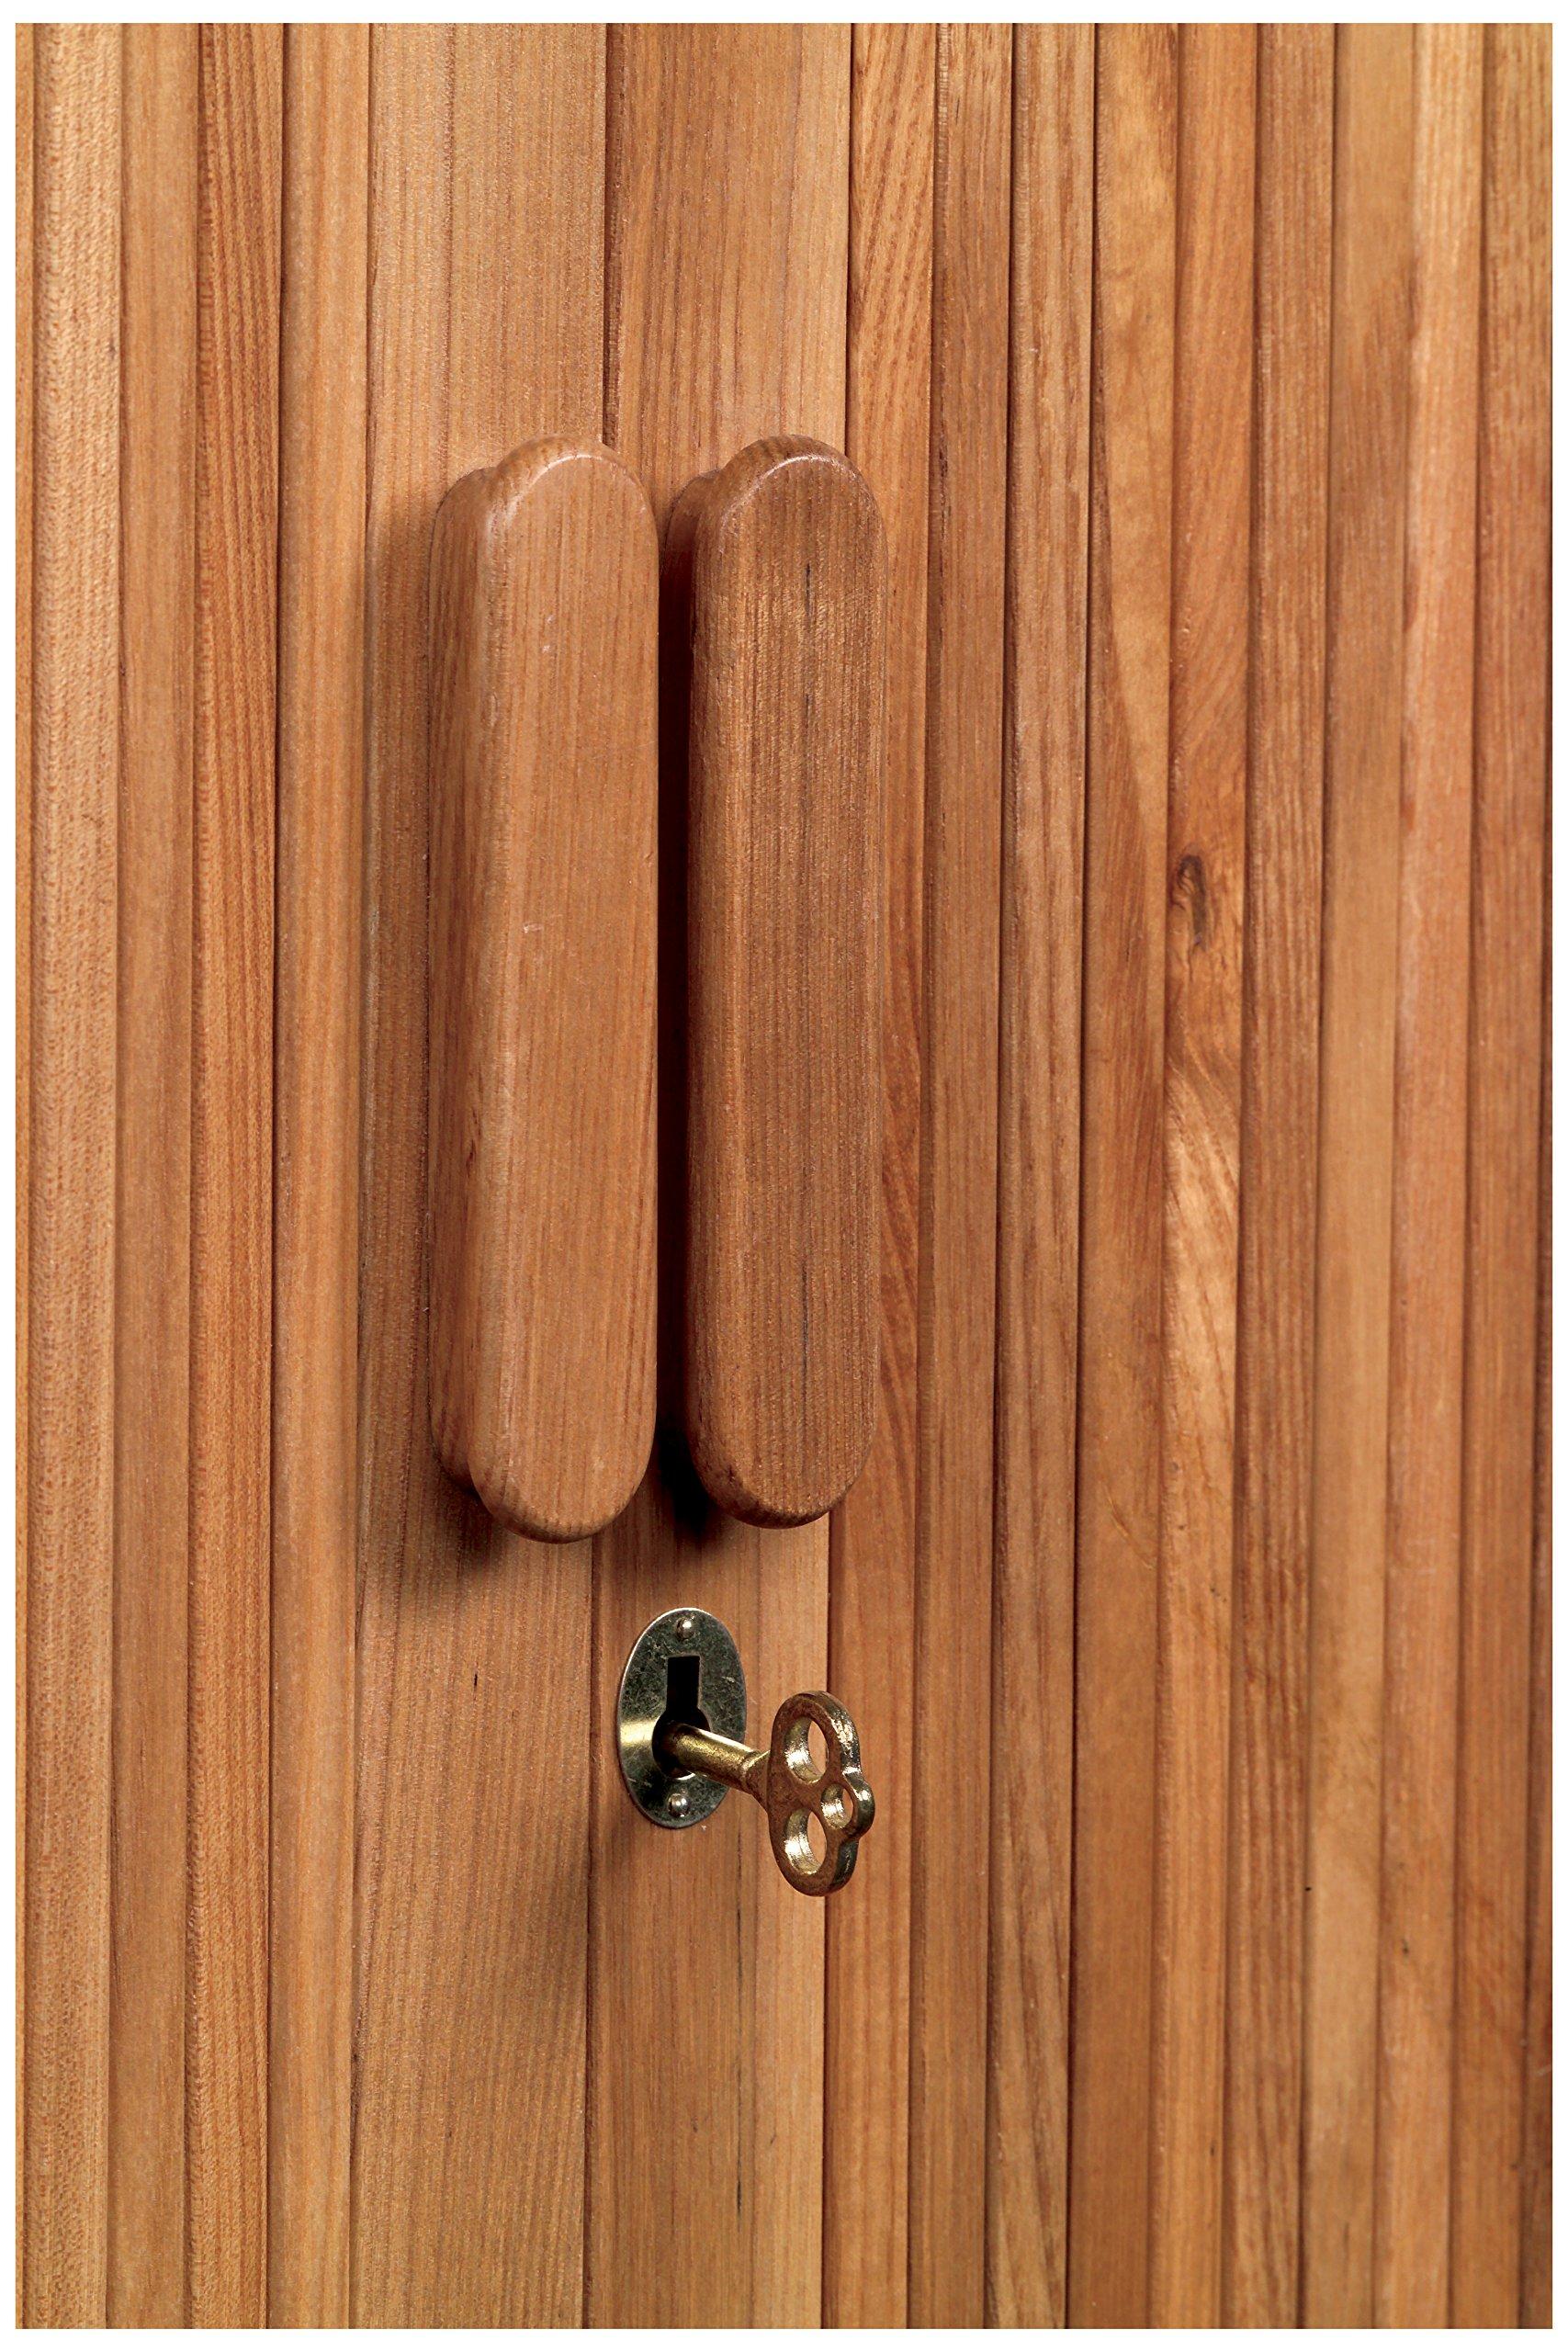 BALT 25010 Conference Room Cabinet, Magnetic Dry-Erase Board, 44w x 32h x 4d, Med Oak